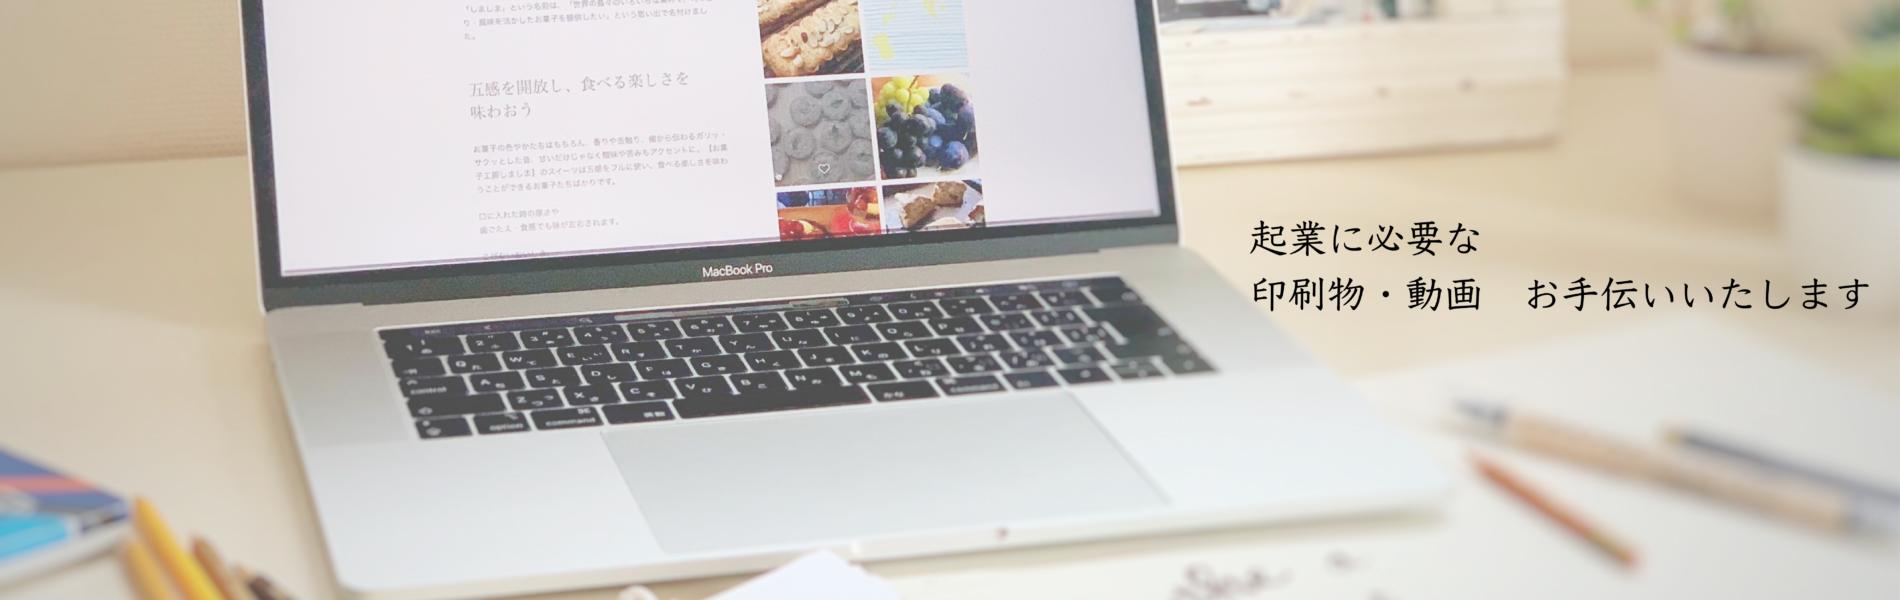 パソコンやデジタルが苦手な人向け、ホームページ制作から印刷物までデザイン業務を格安で丸投げできる!